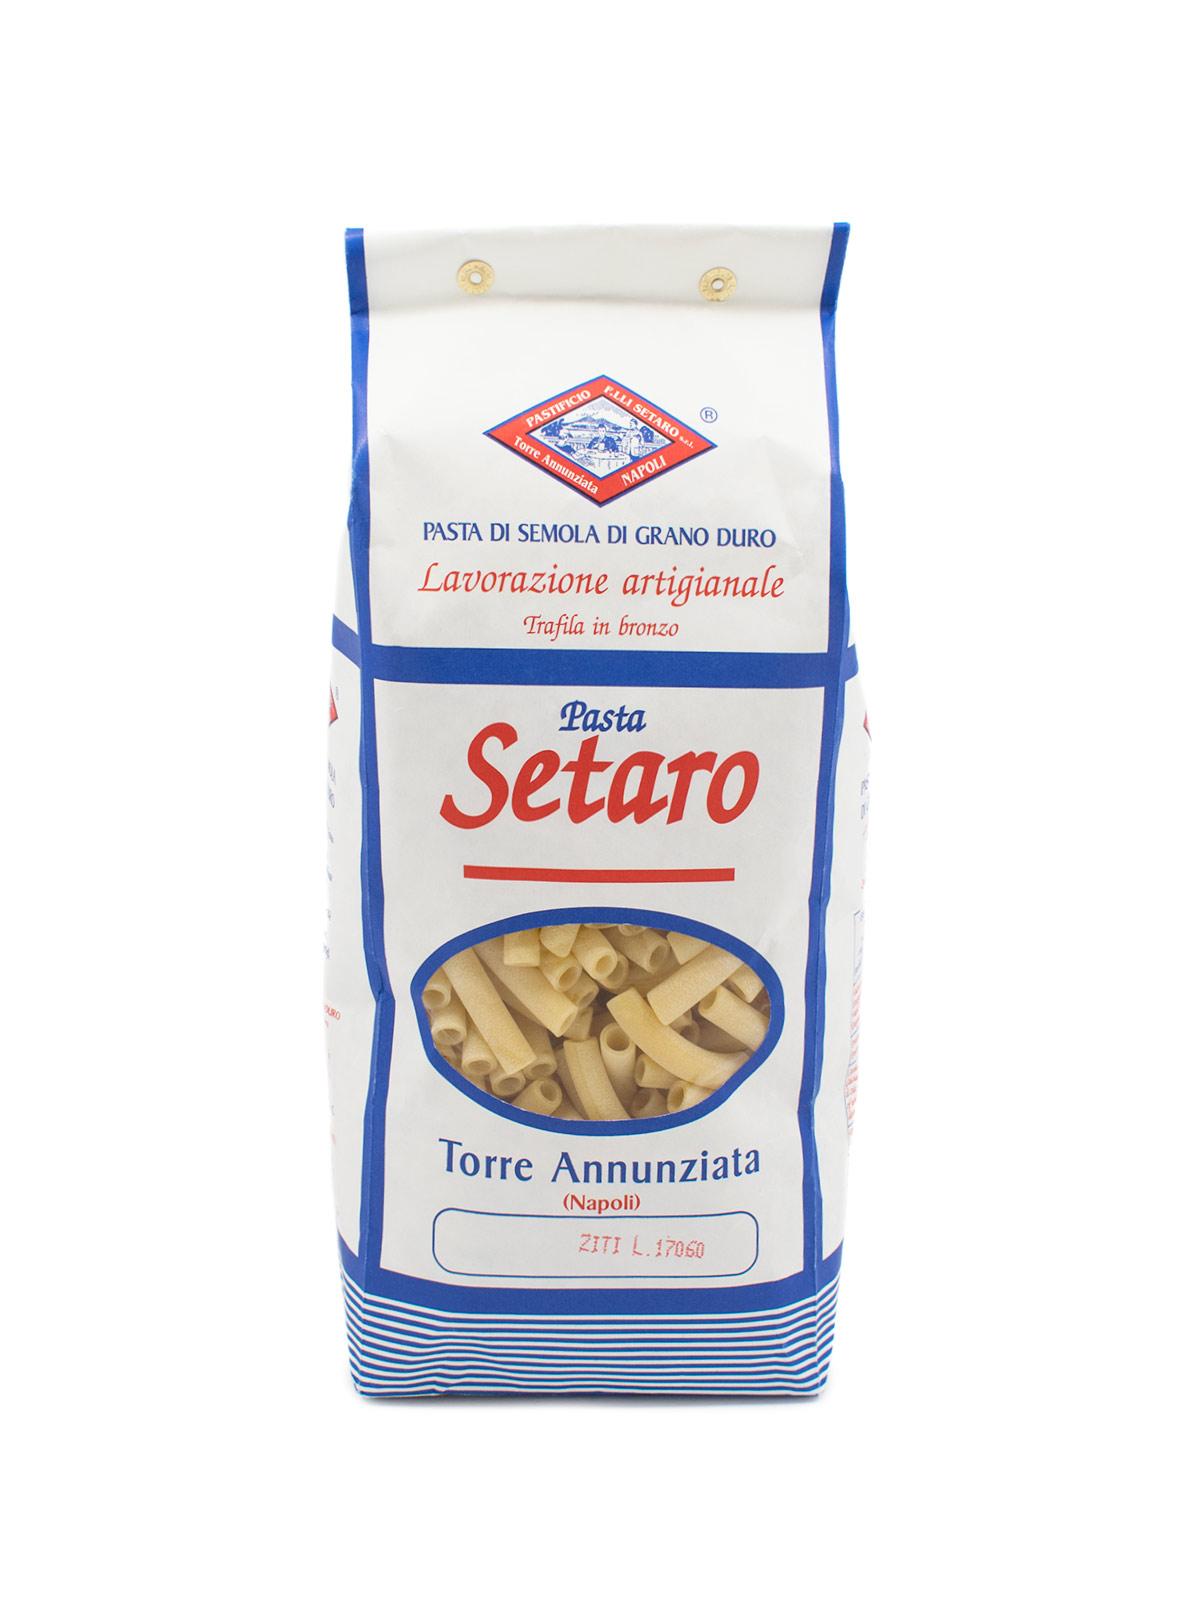 Ziti Corti - Pastas, Rice, and Grains - Buon'Italia